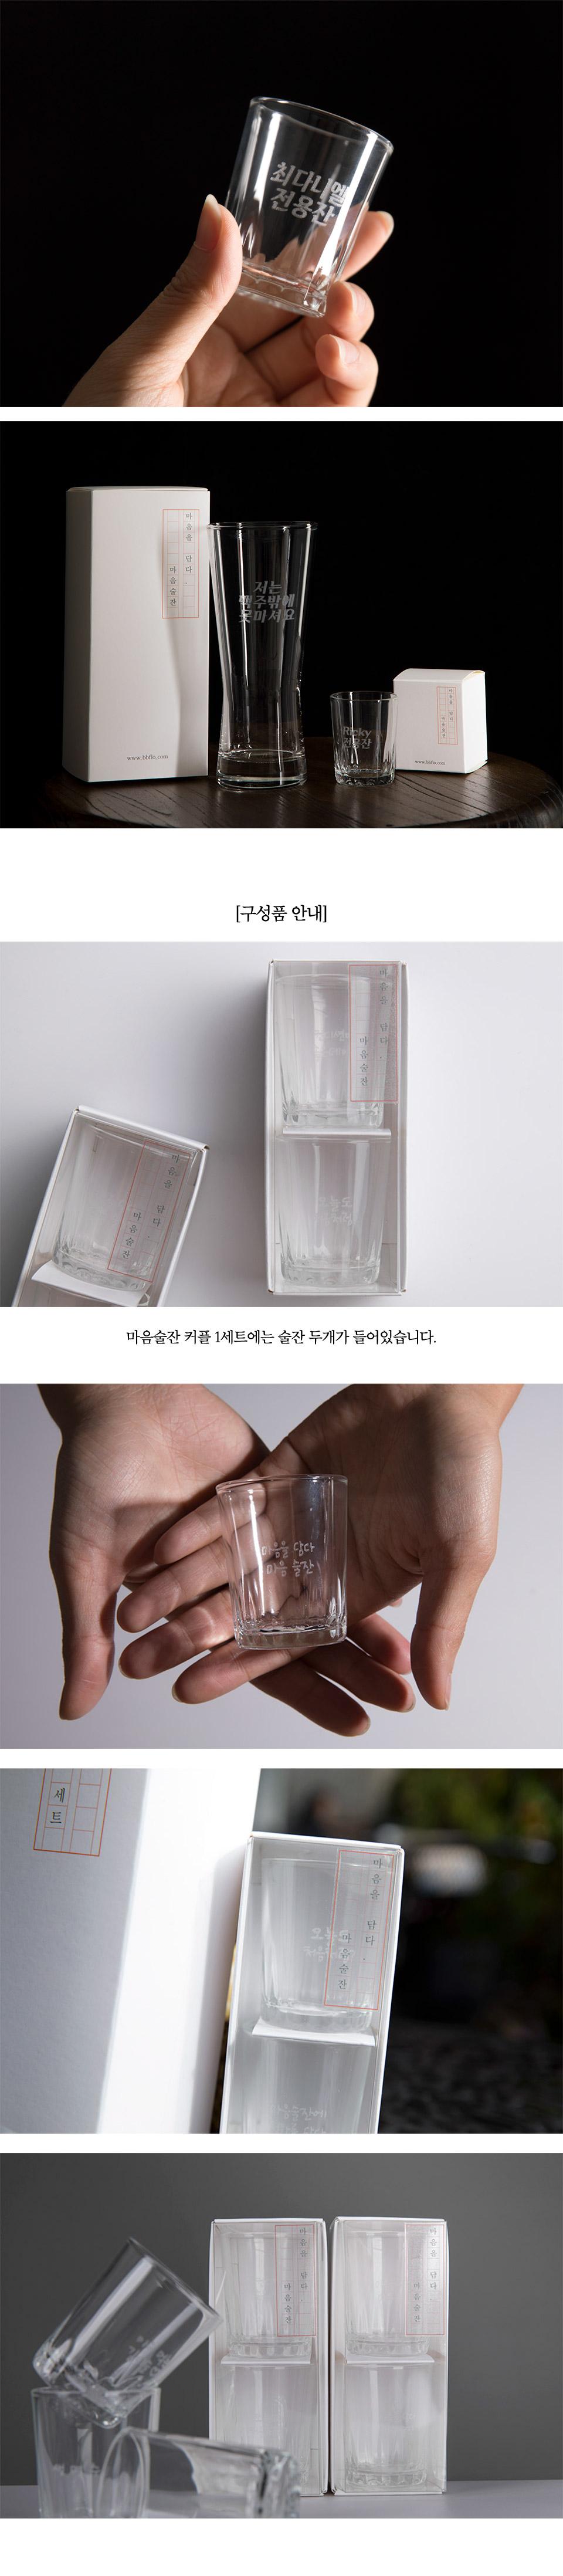 글씨 각인 소주잔 마음술잔 2개 커플세트 인생술집 - 비비플라워, 11,300원, 유리컵/술잔, 소주잔